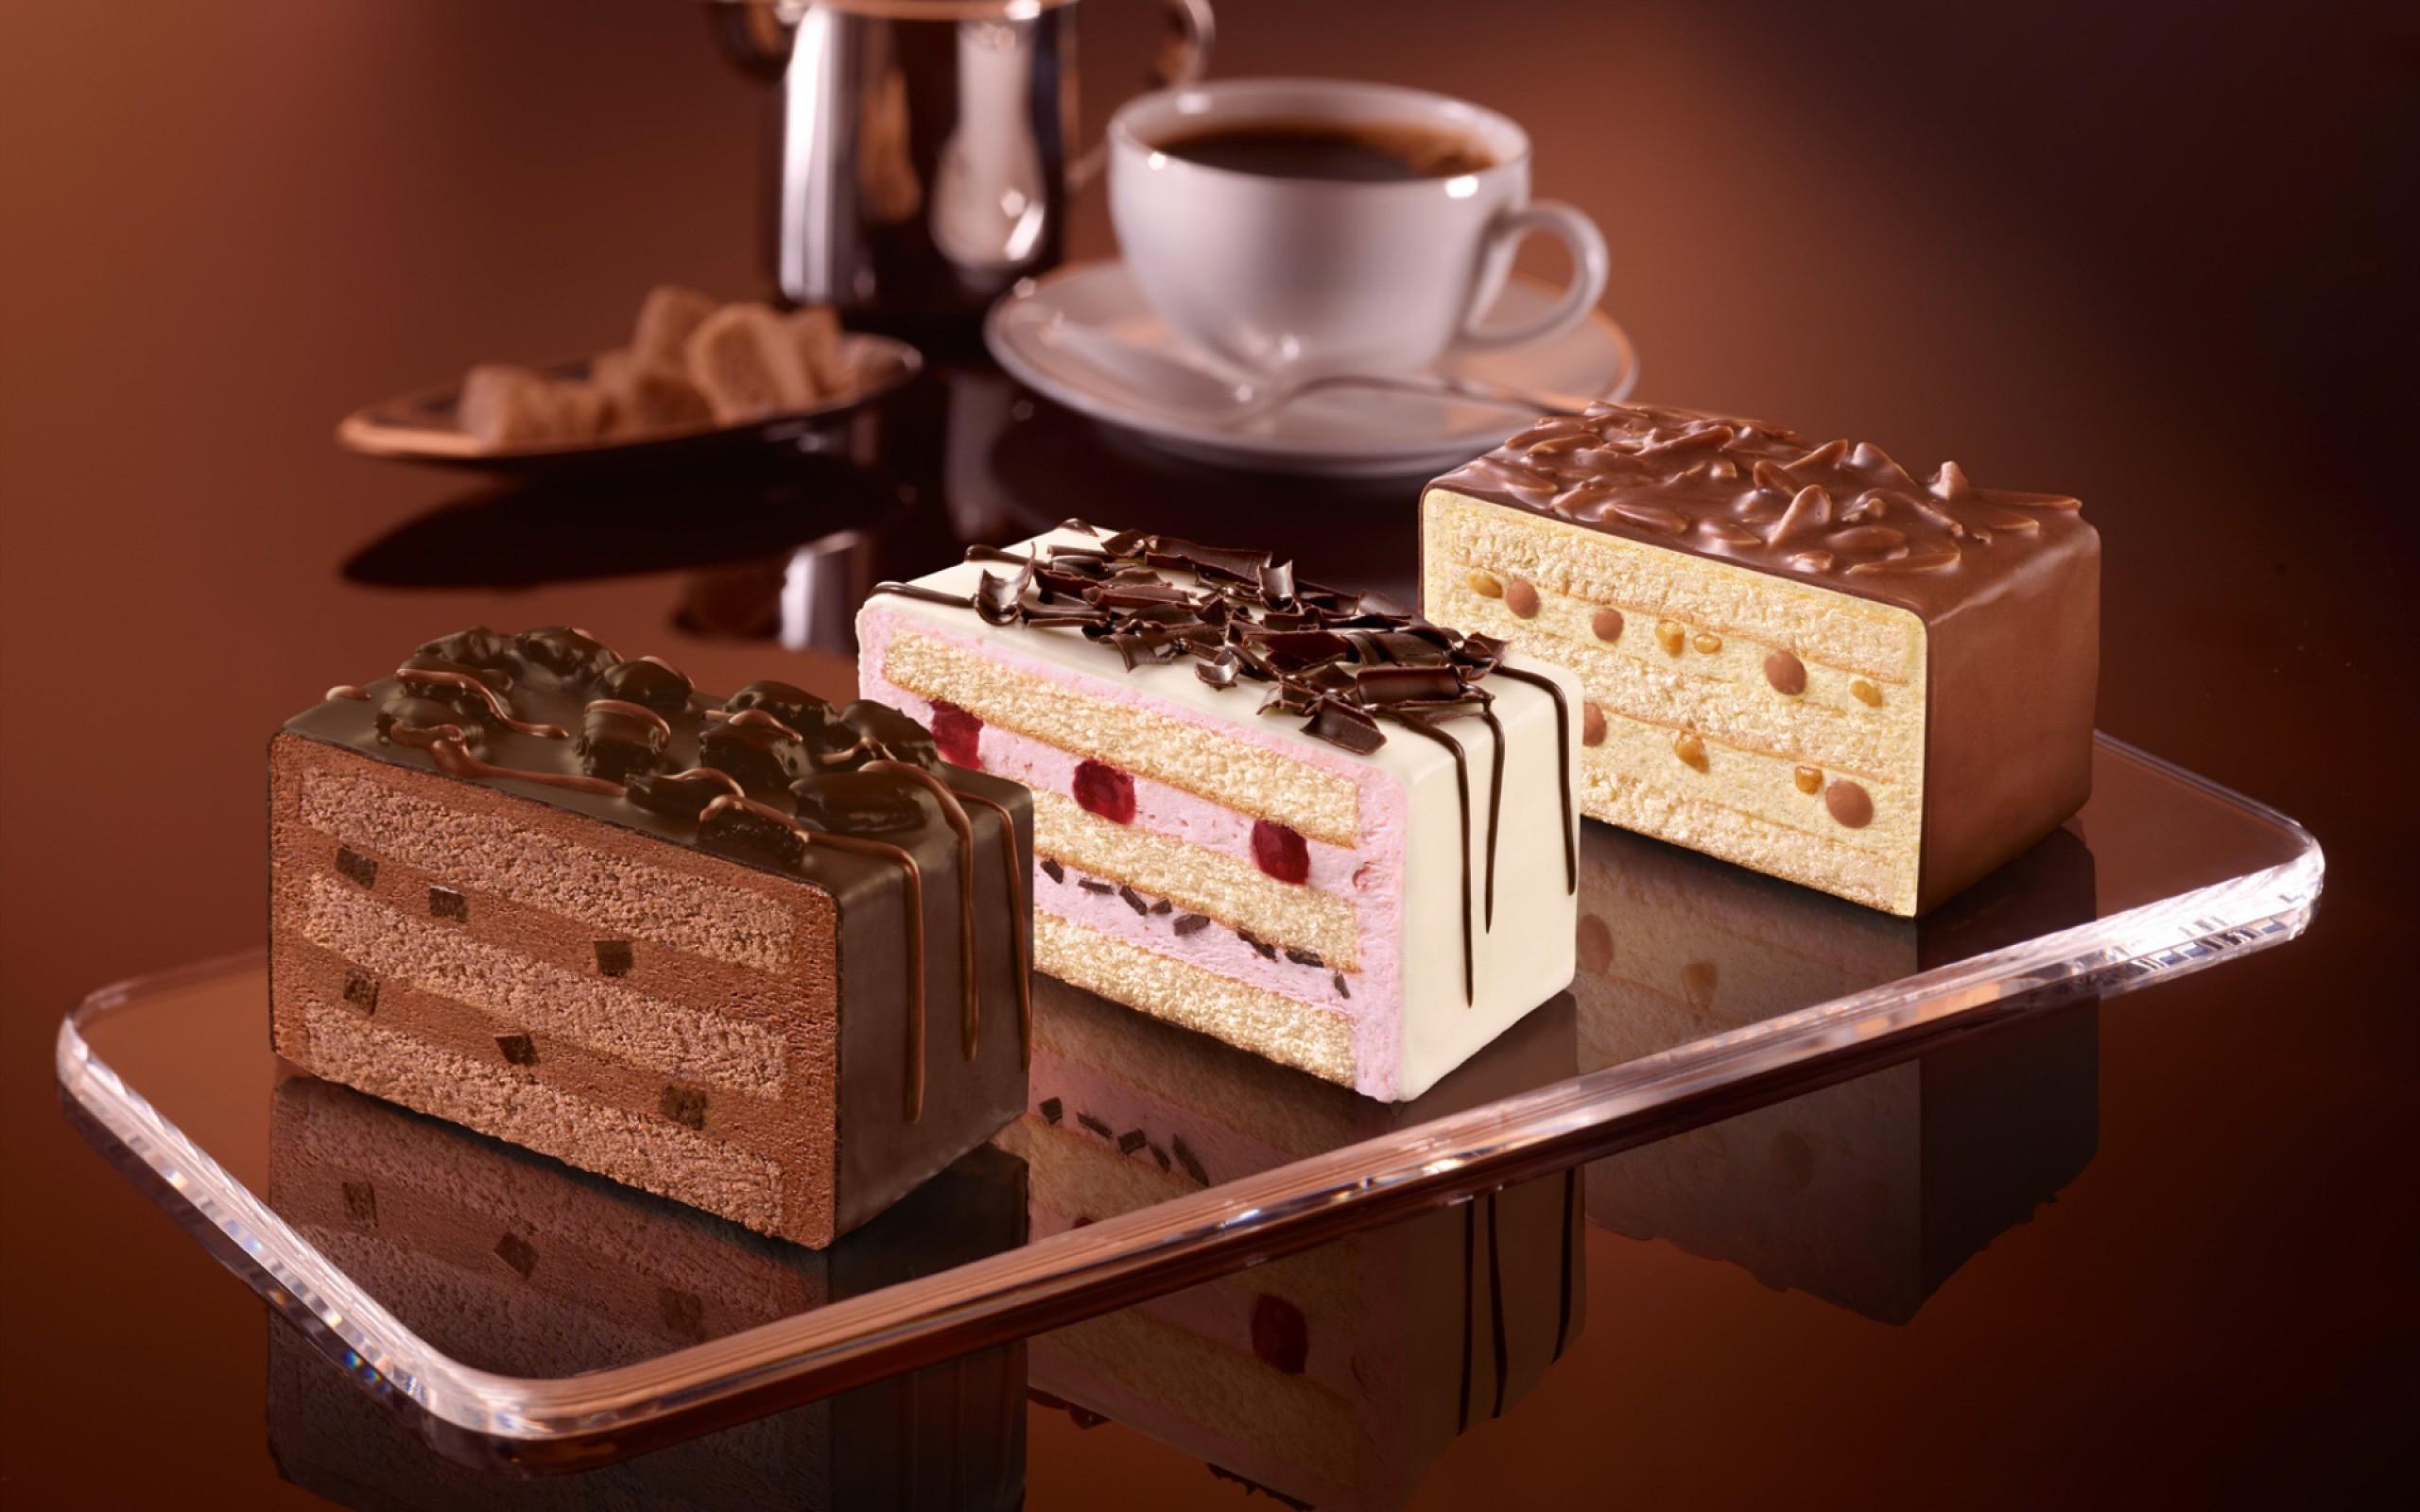 http://www.rabstol.net/uploads/gallery/main/514/rabstol_net_pastries_14.jpg